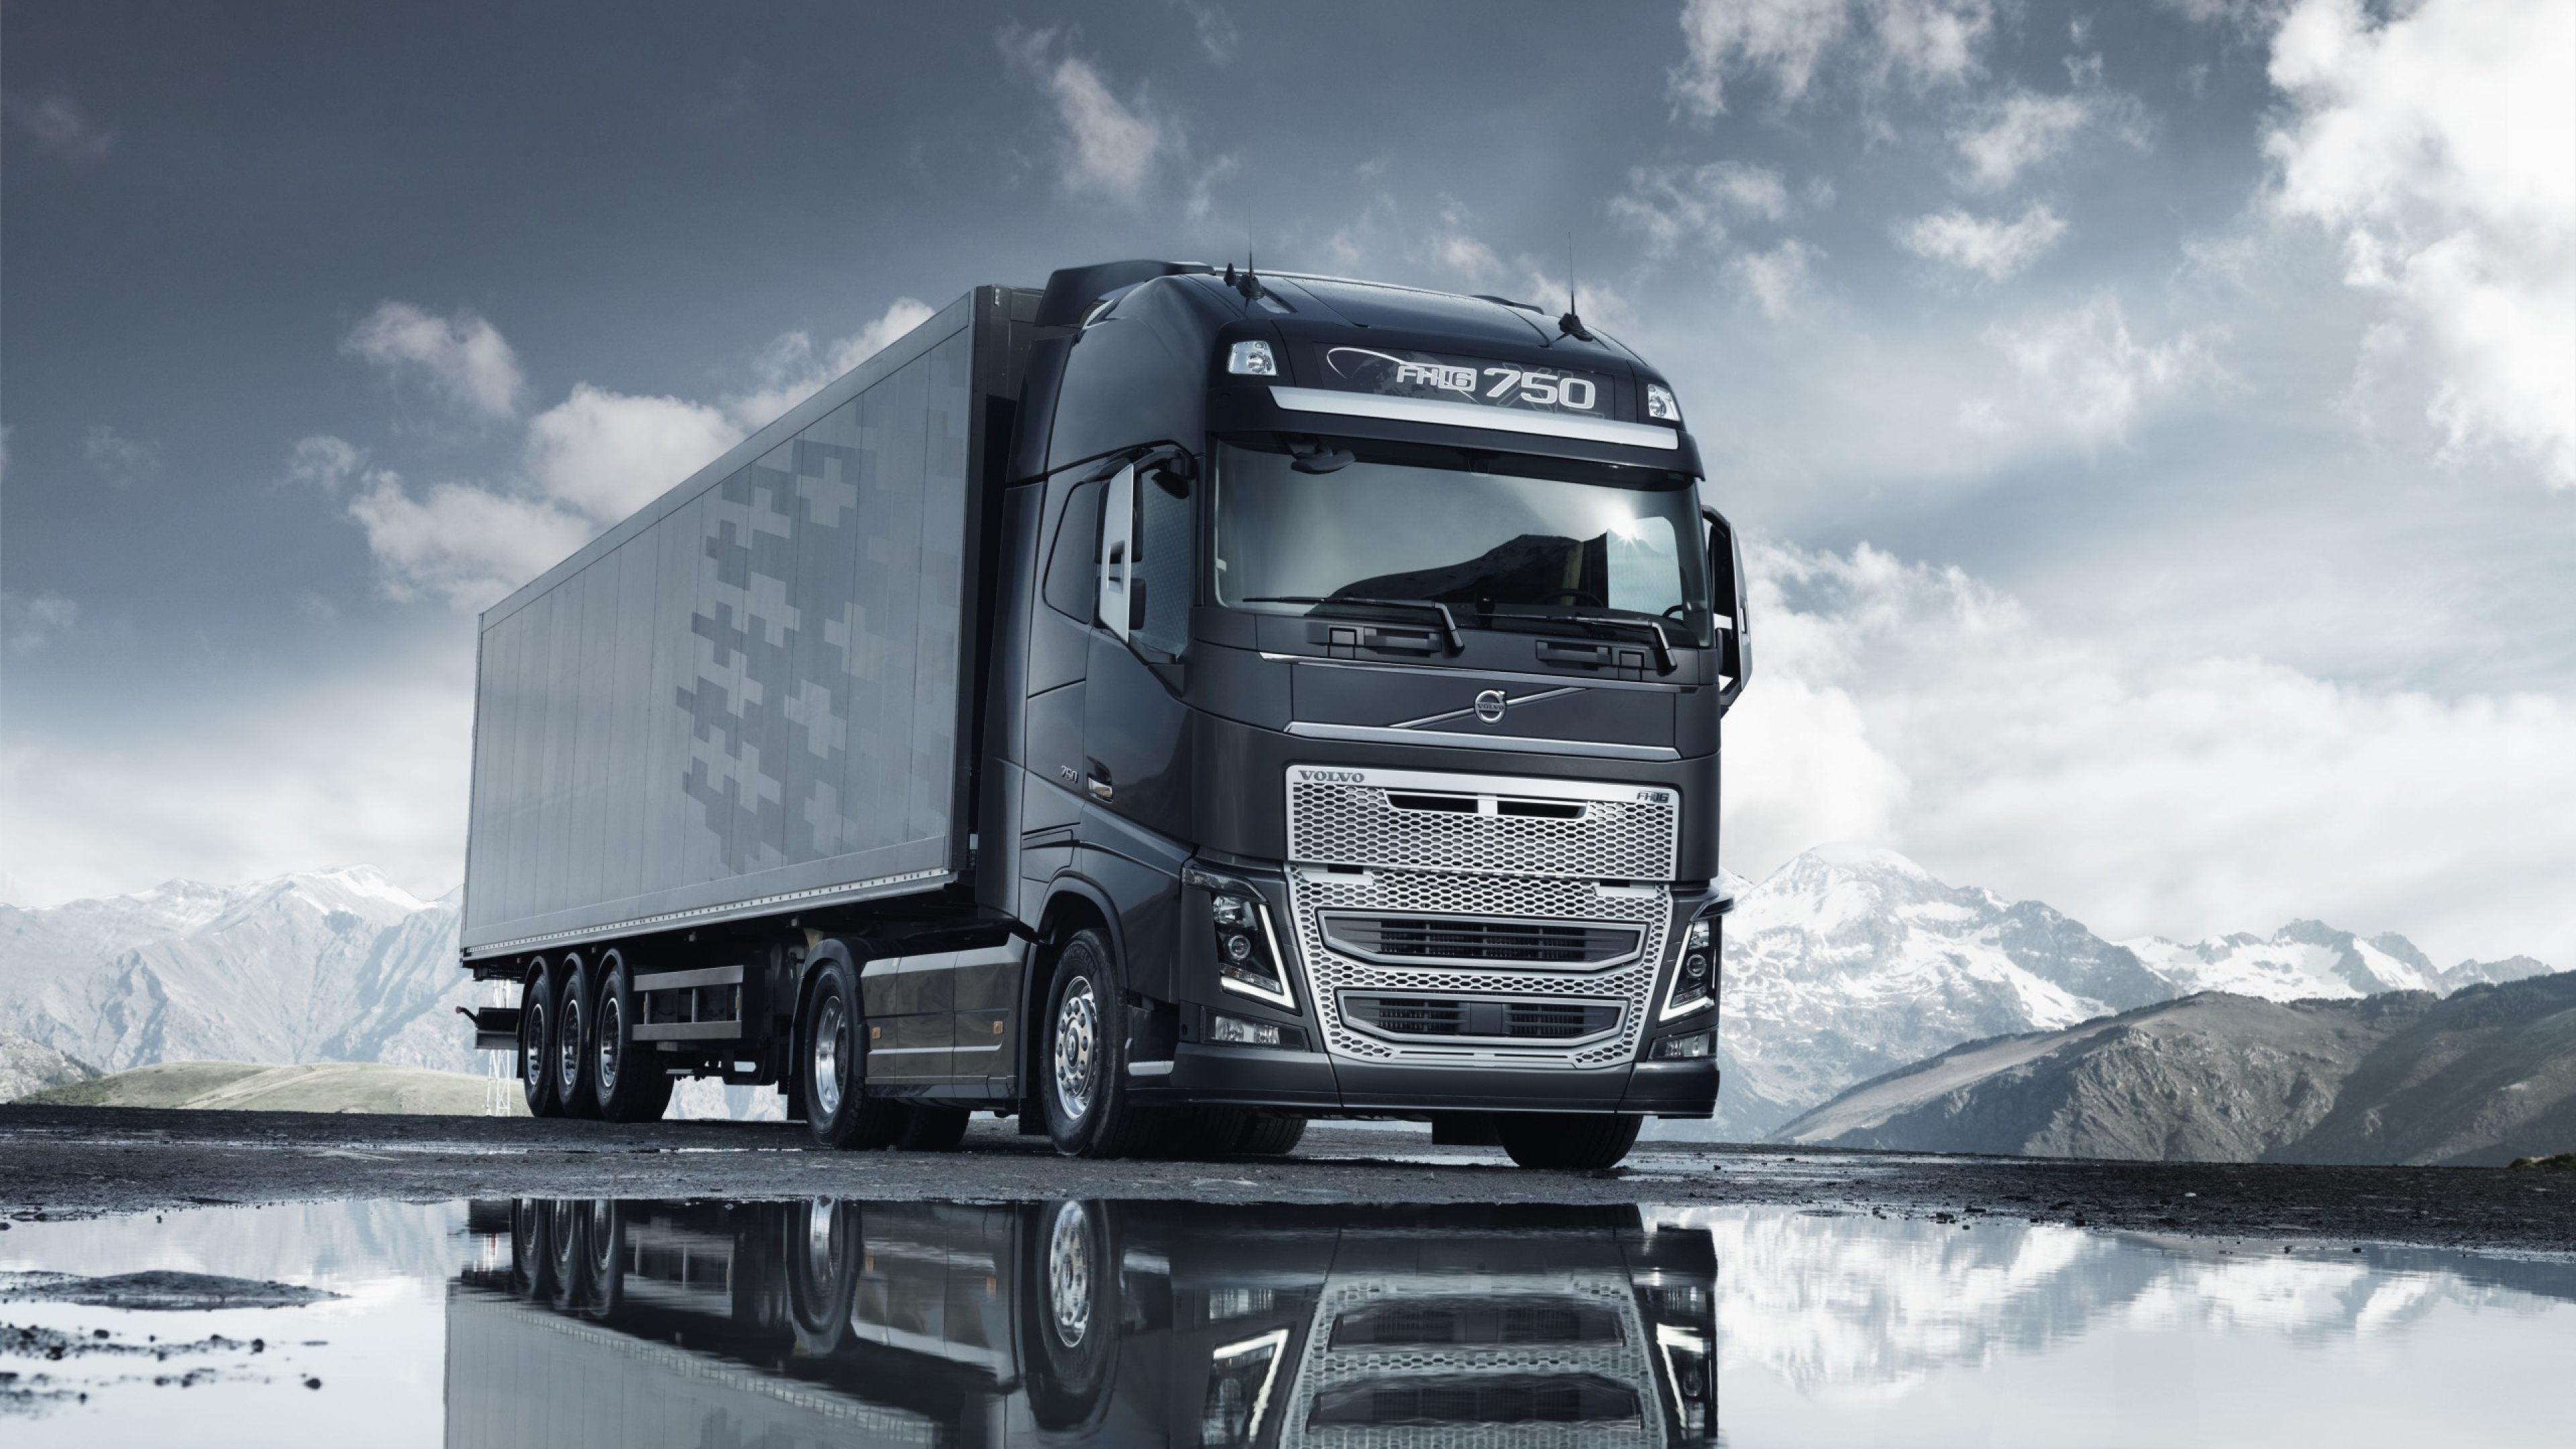 Volvo Semi Truck Wallpaper